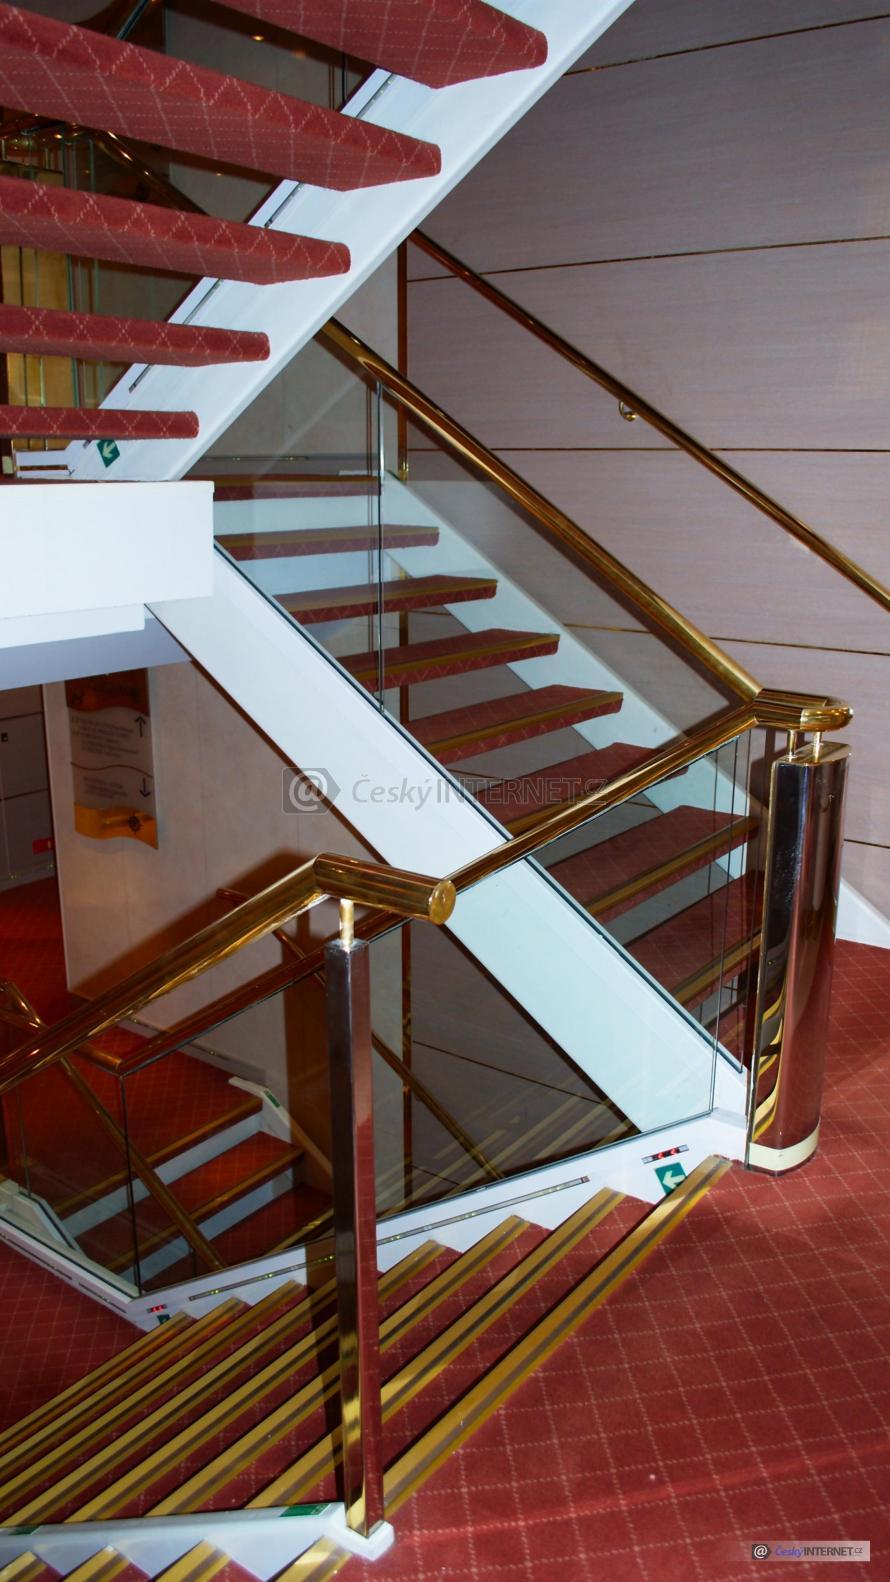 Moderní schodiště v budově.